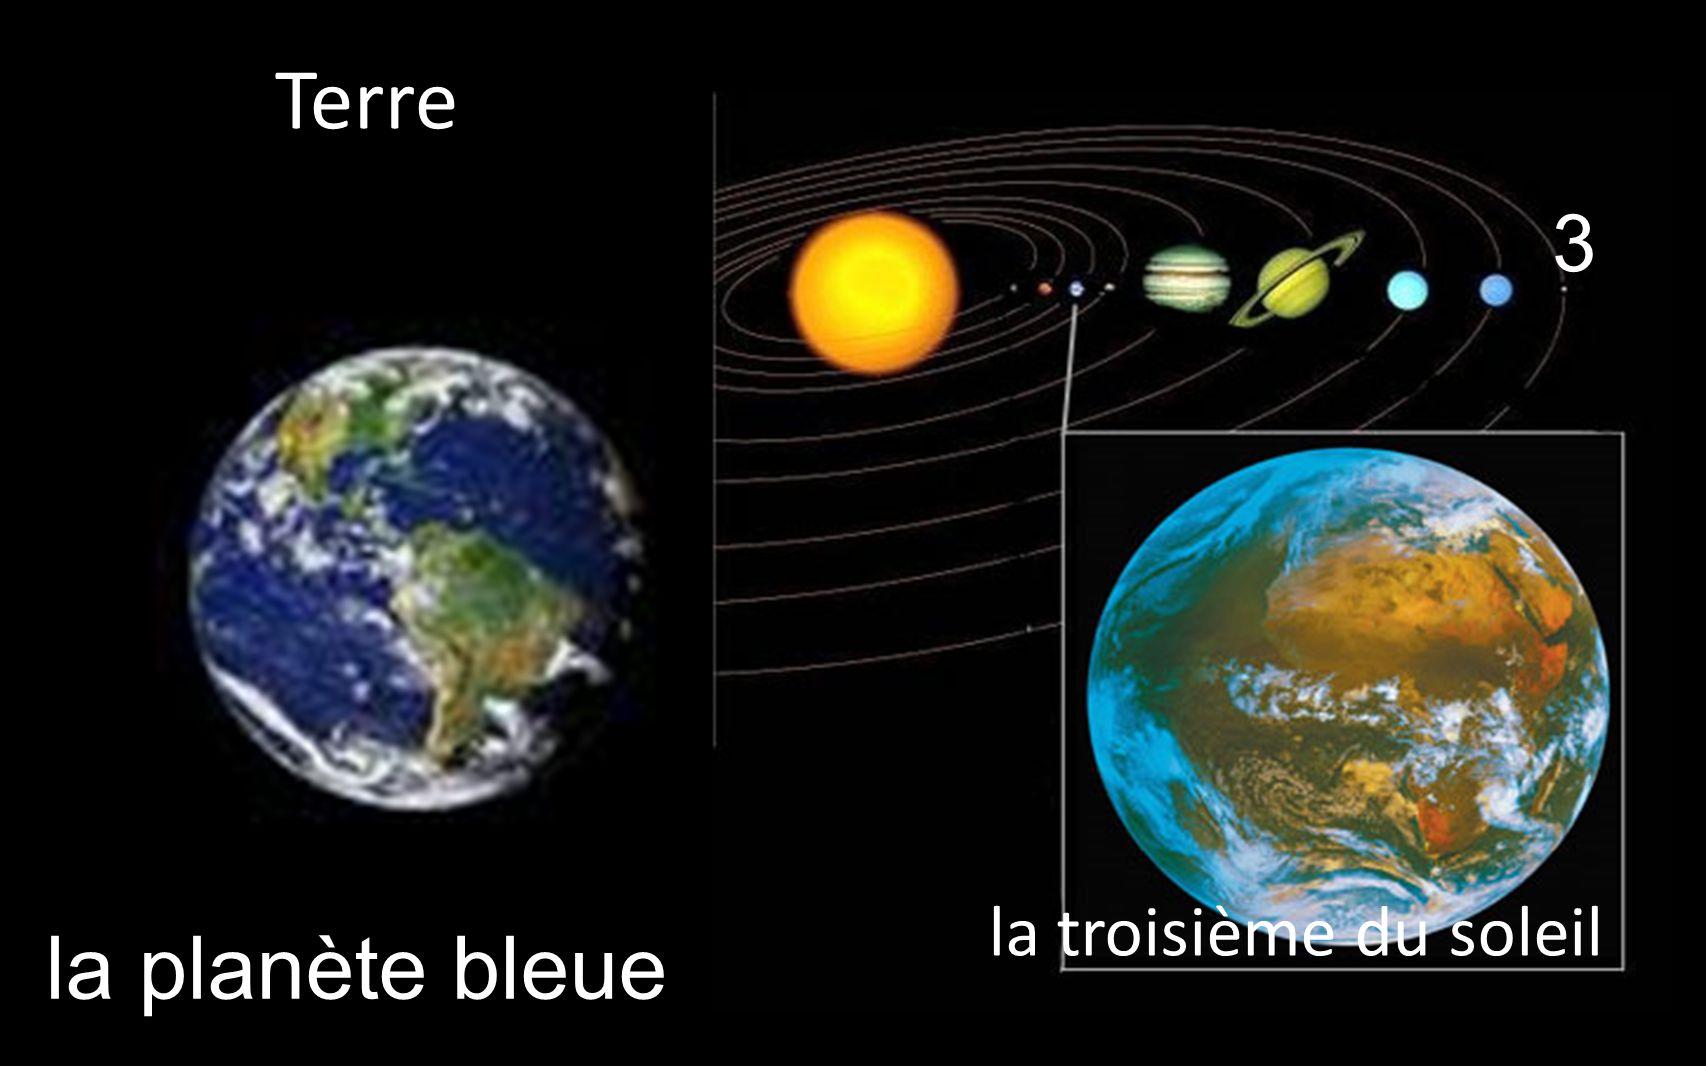 la planète bleue 3 la troisième du soleil _Terre